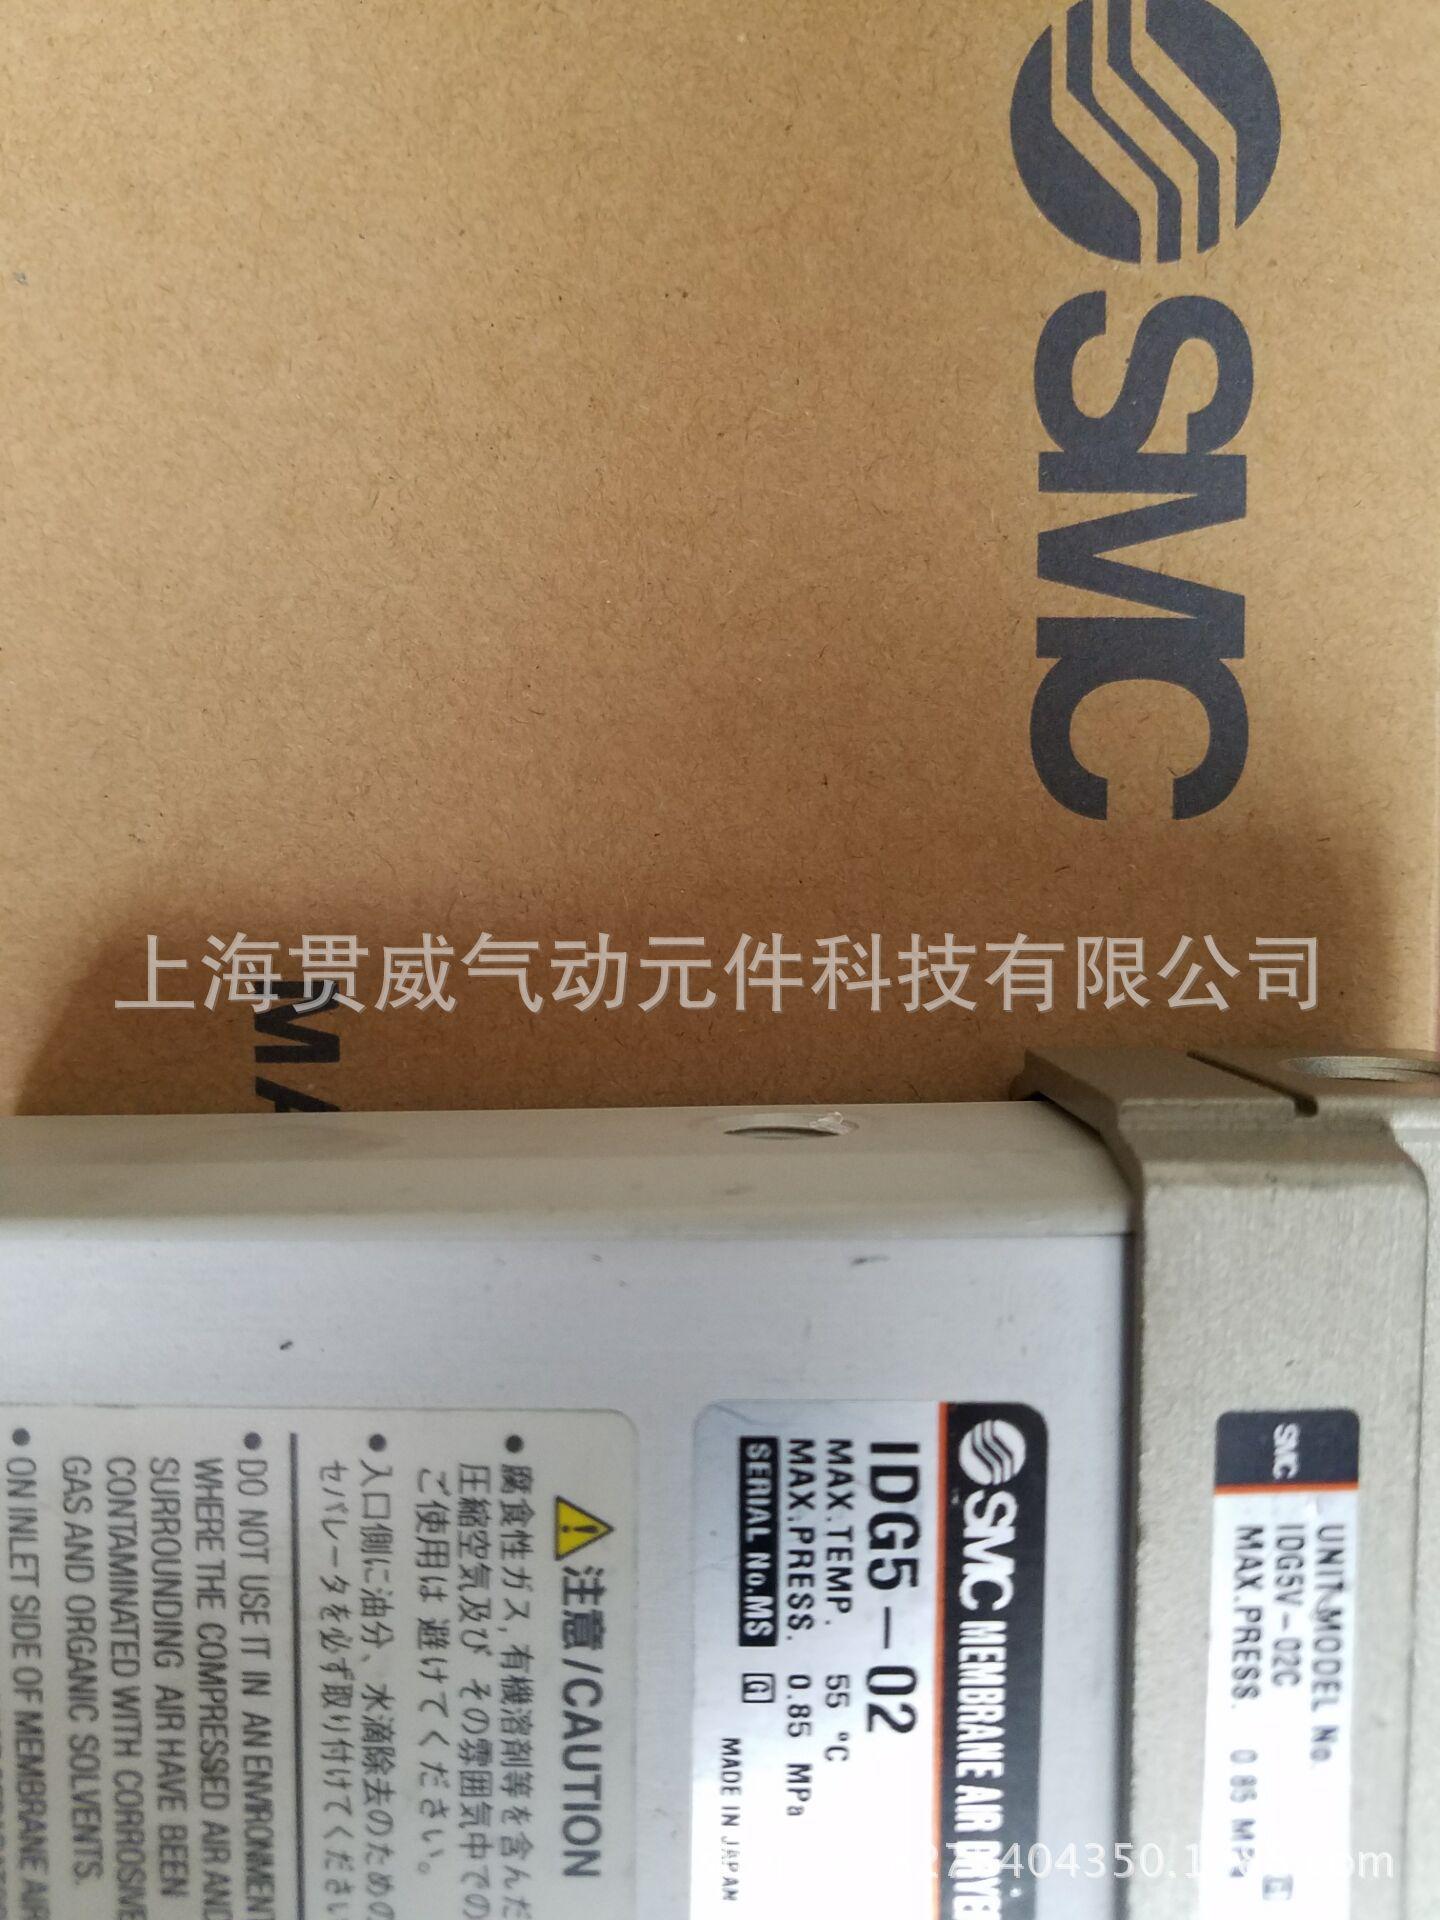 IDU37C-6 SMC chỗ đặc biệt cảm biến đặc biệt bán máy sấy